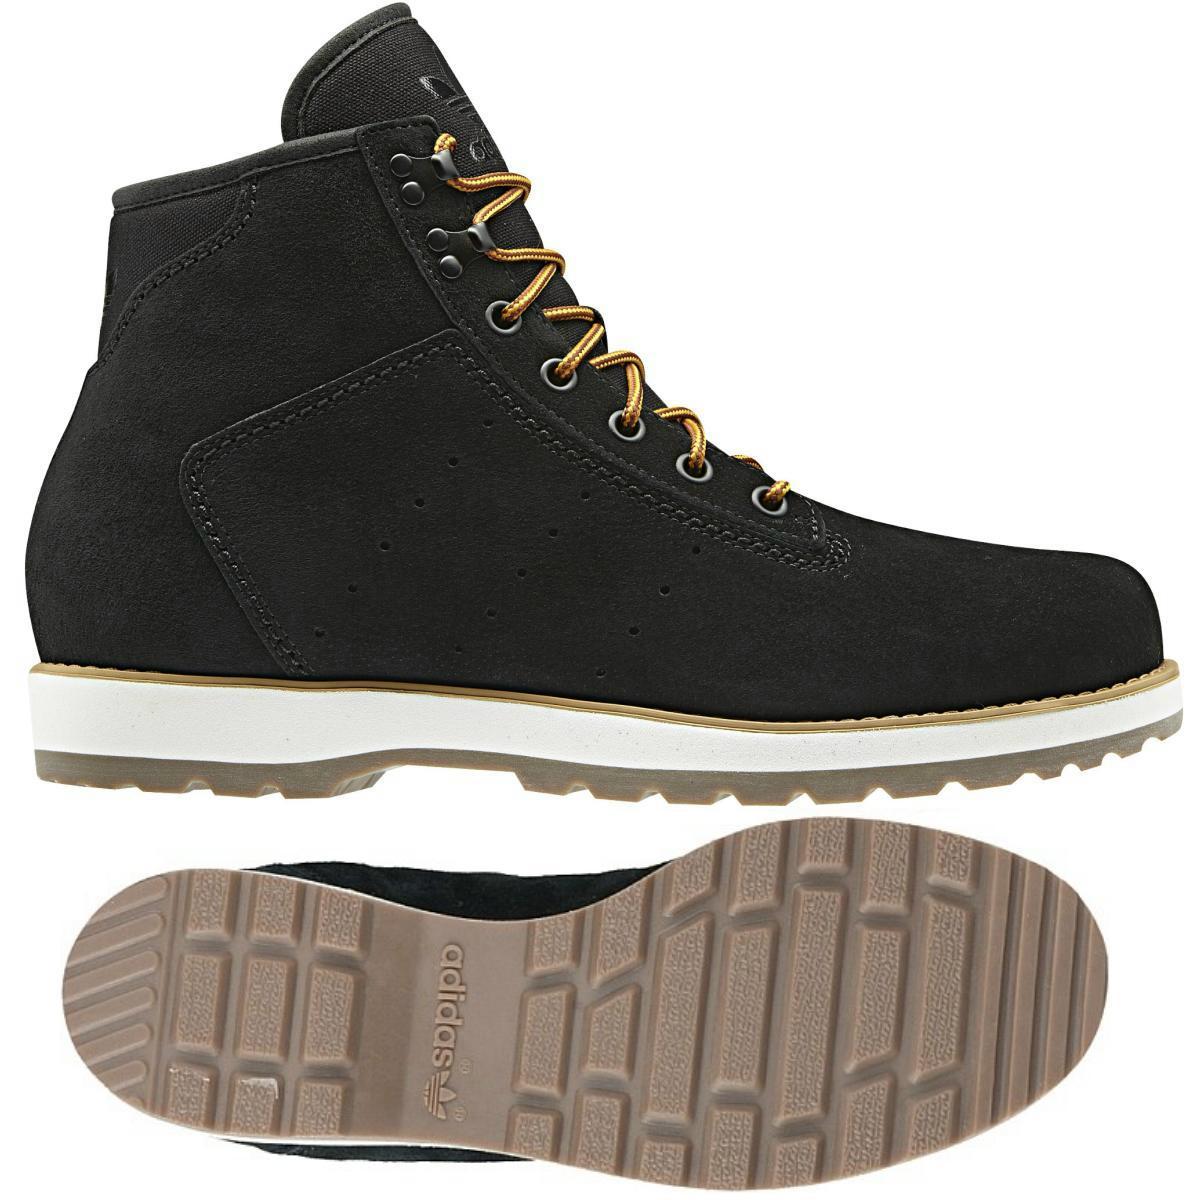 adidas originals navvy boot herren schwarz dunkelbraun schuhe stiefel wildleder. Black Bedroom Furniture Sets. Home Design Ideas